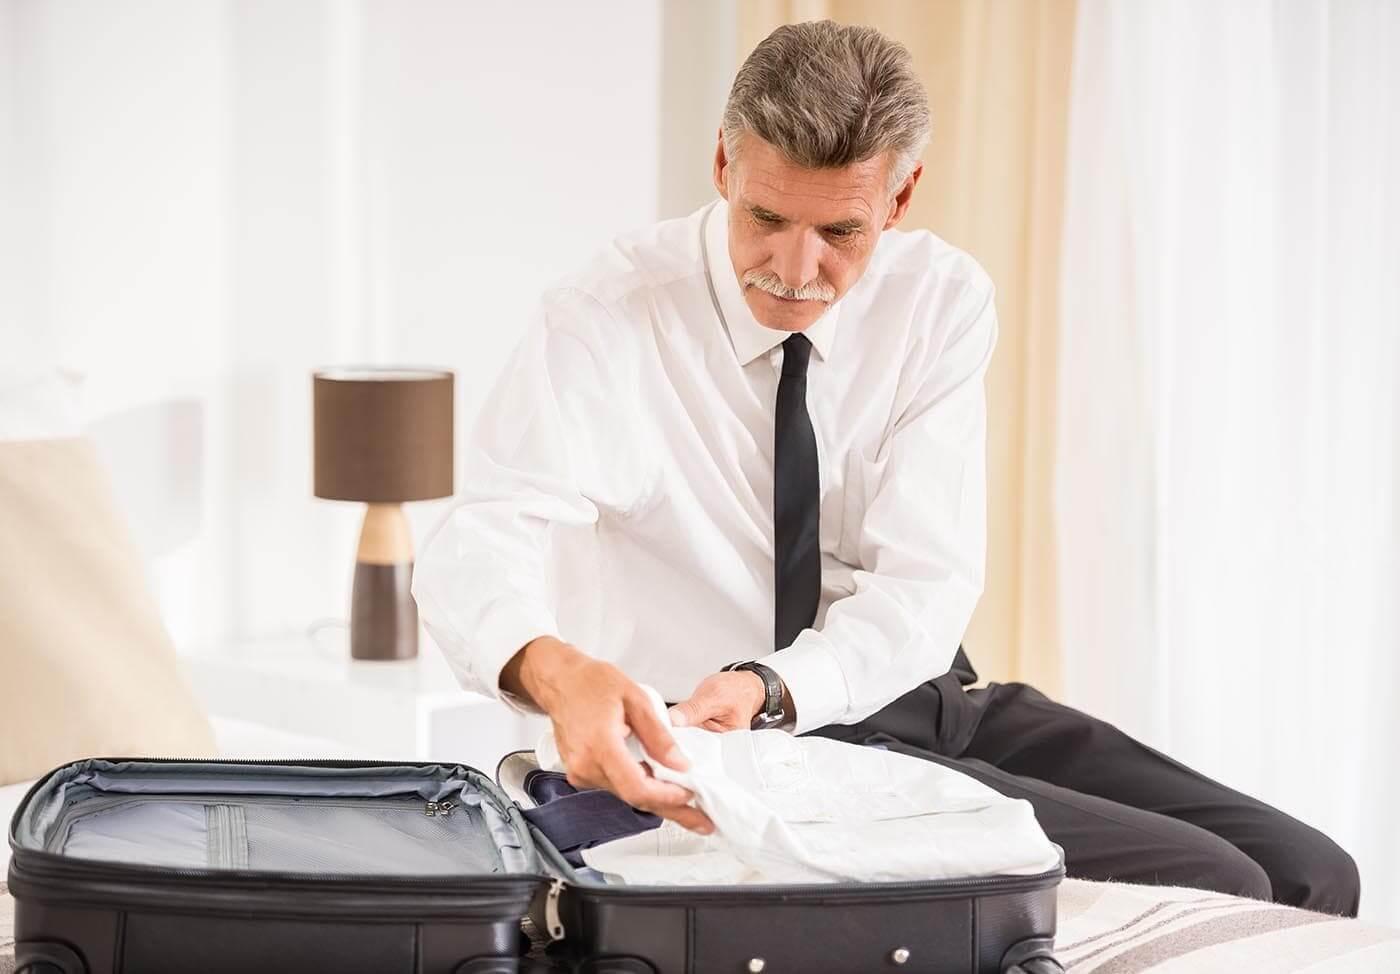 podróż służbowa - Podróż biznesowa w dobie koronawirusa — o tym warto wiedzieć